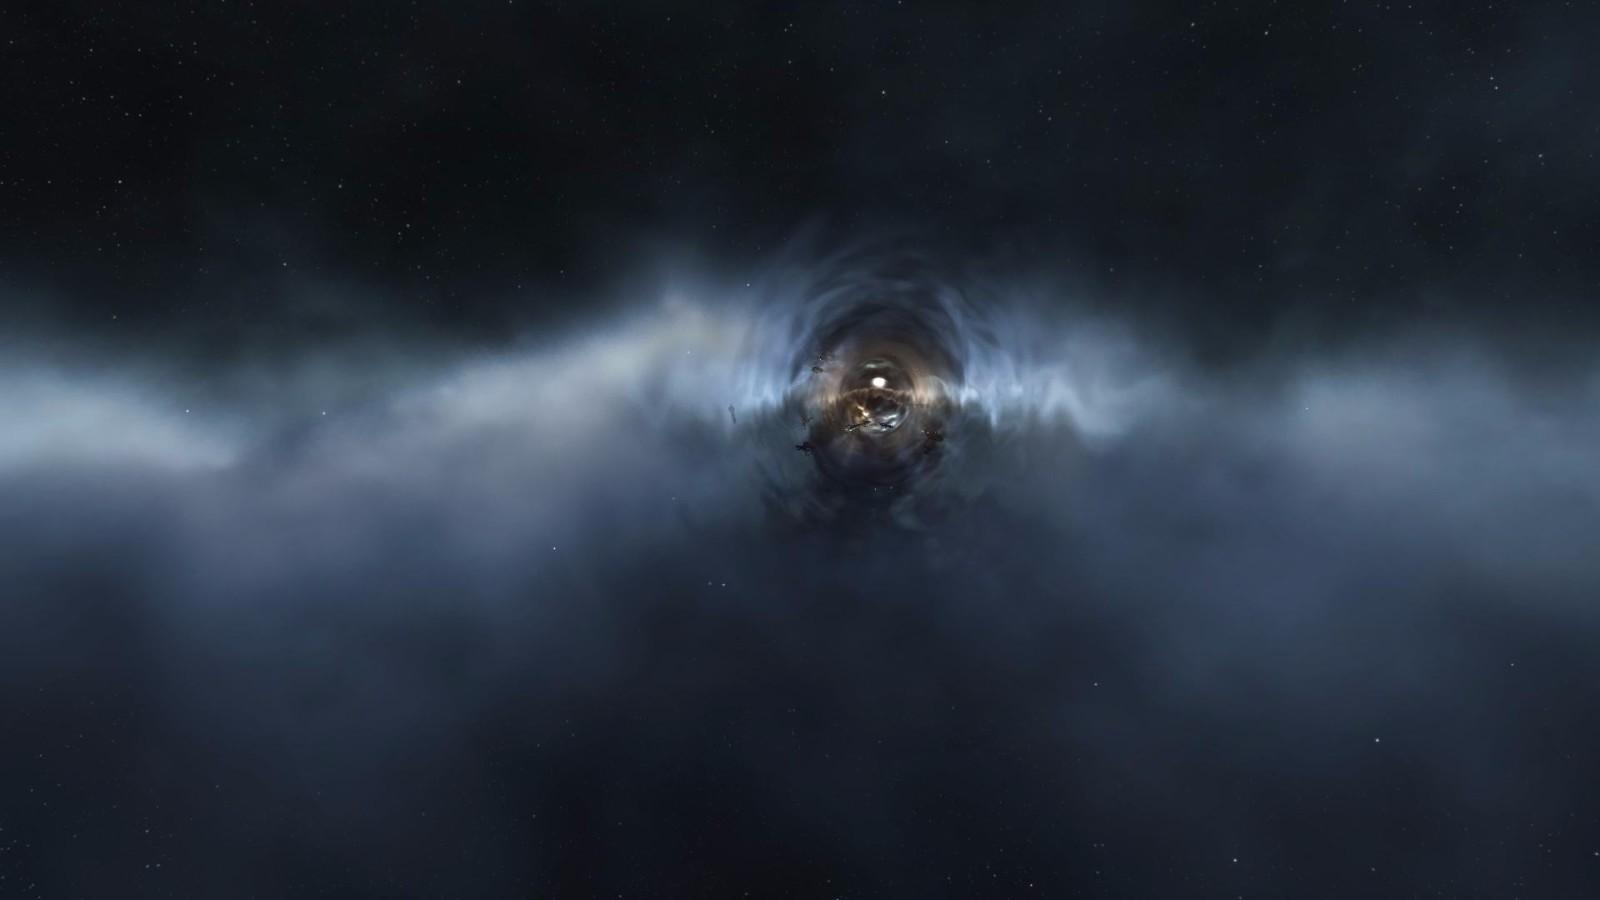 美科学家找到数学漏洞!理论证实:人类穿越虫洞时空旅行是可行的